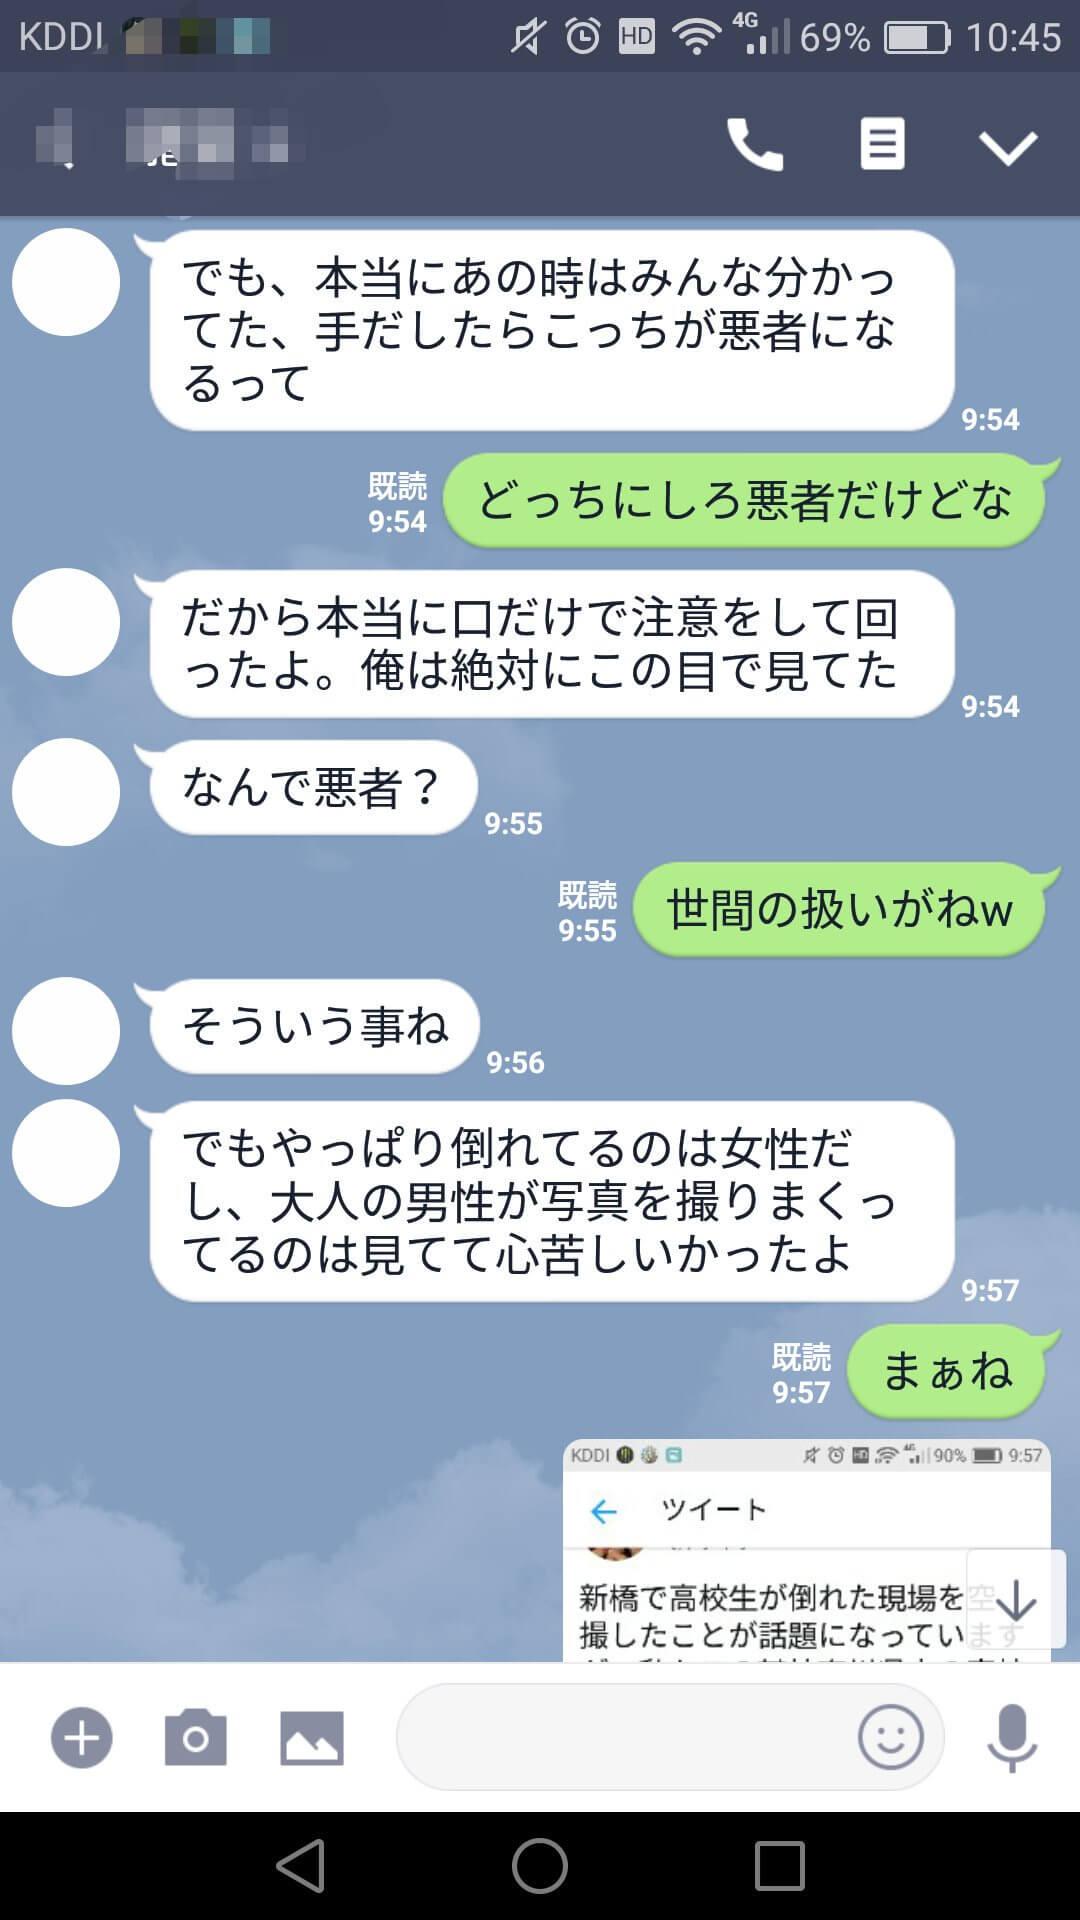 新橋駅前SL広場の騒動についてさなさん(@sana_seria)が関係者に事実関係を確認したキャプチャ画像1